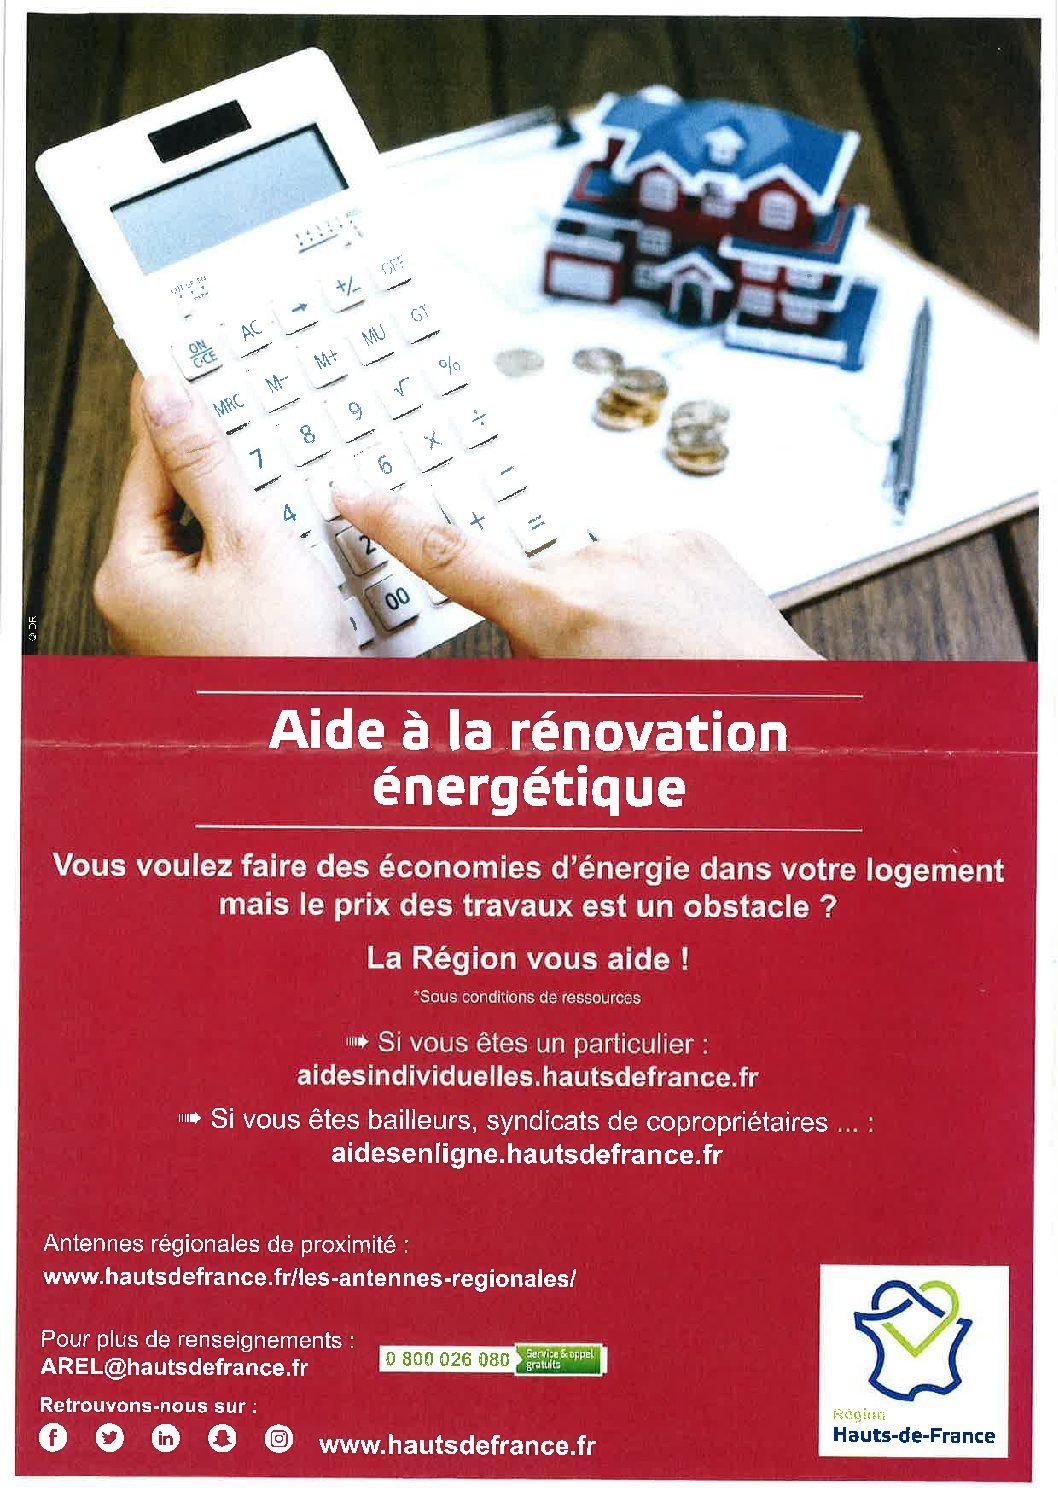 Aide à la rénovation énergétique